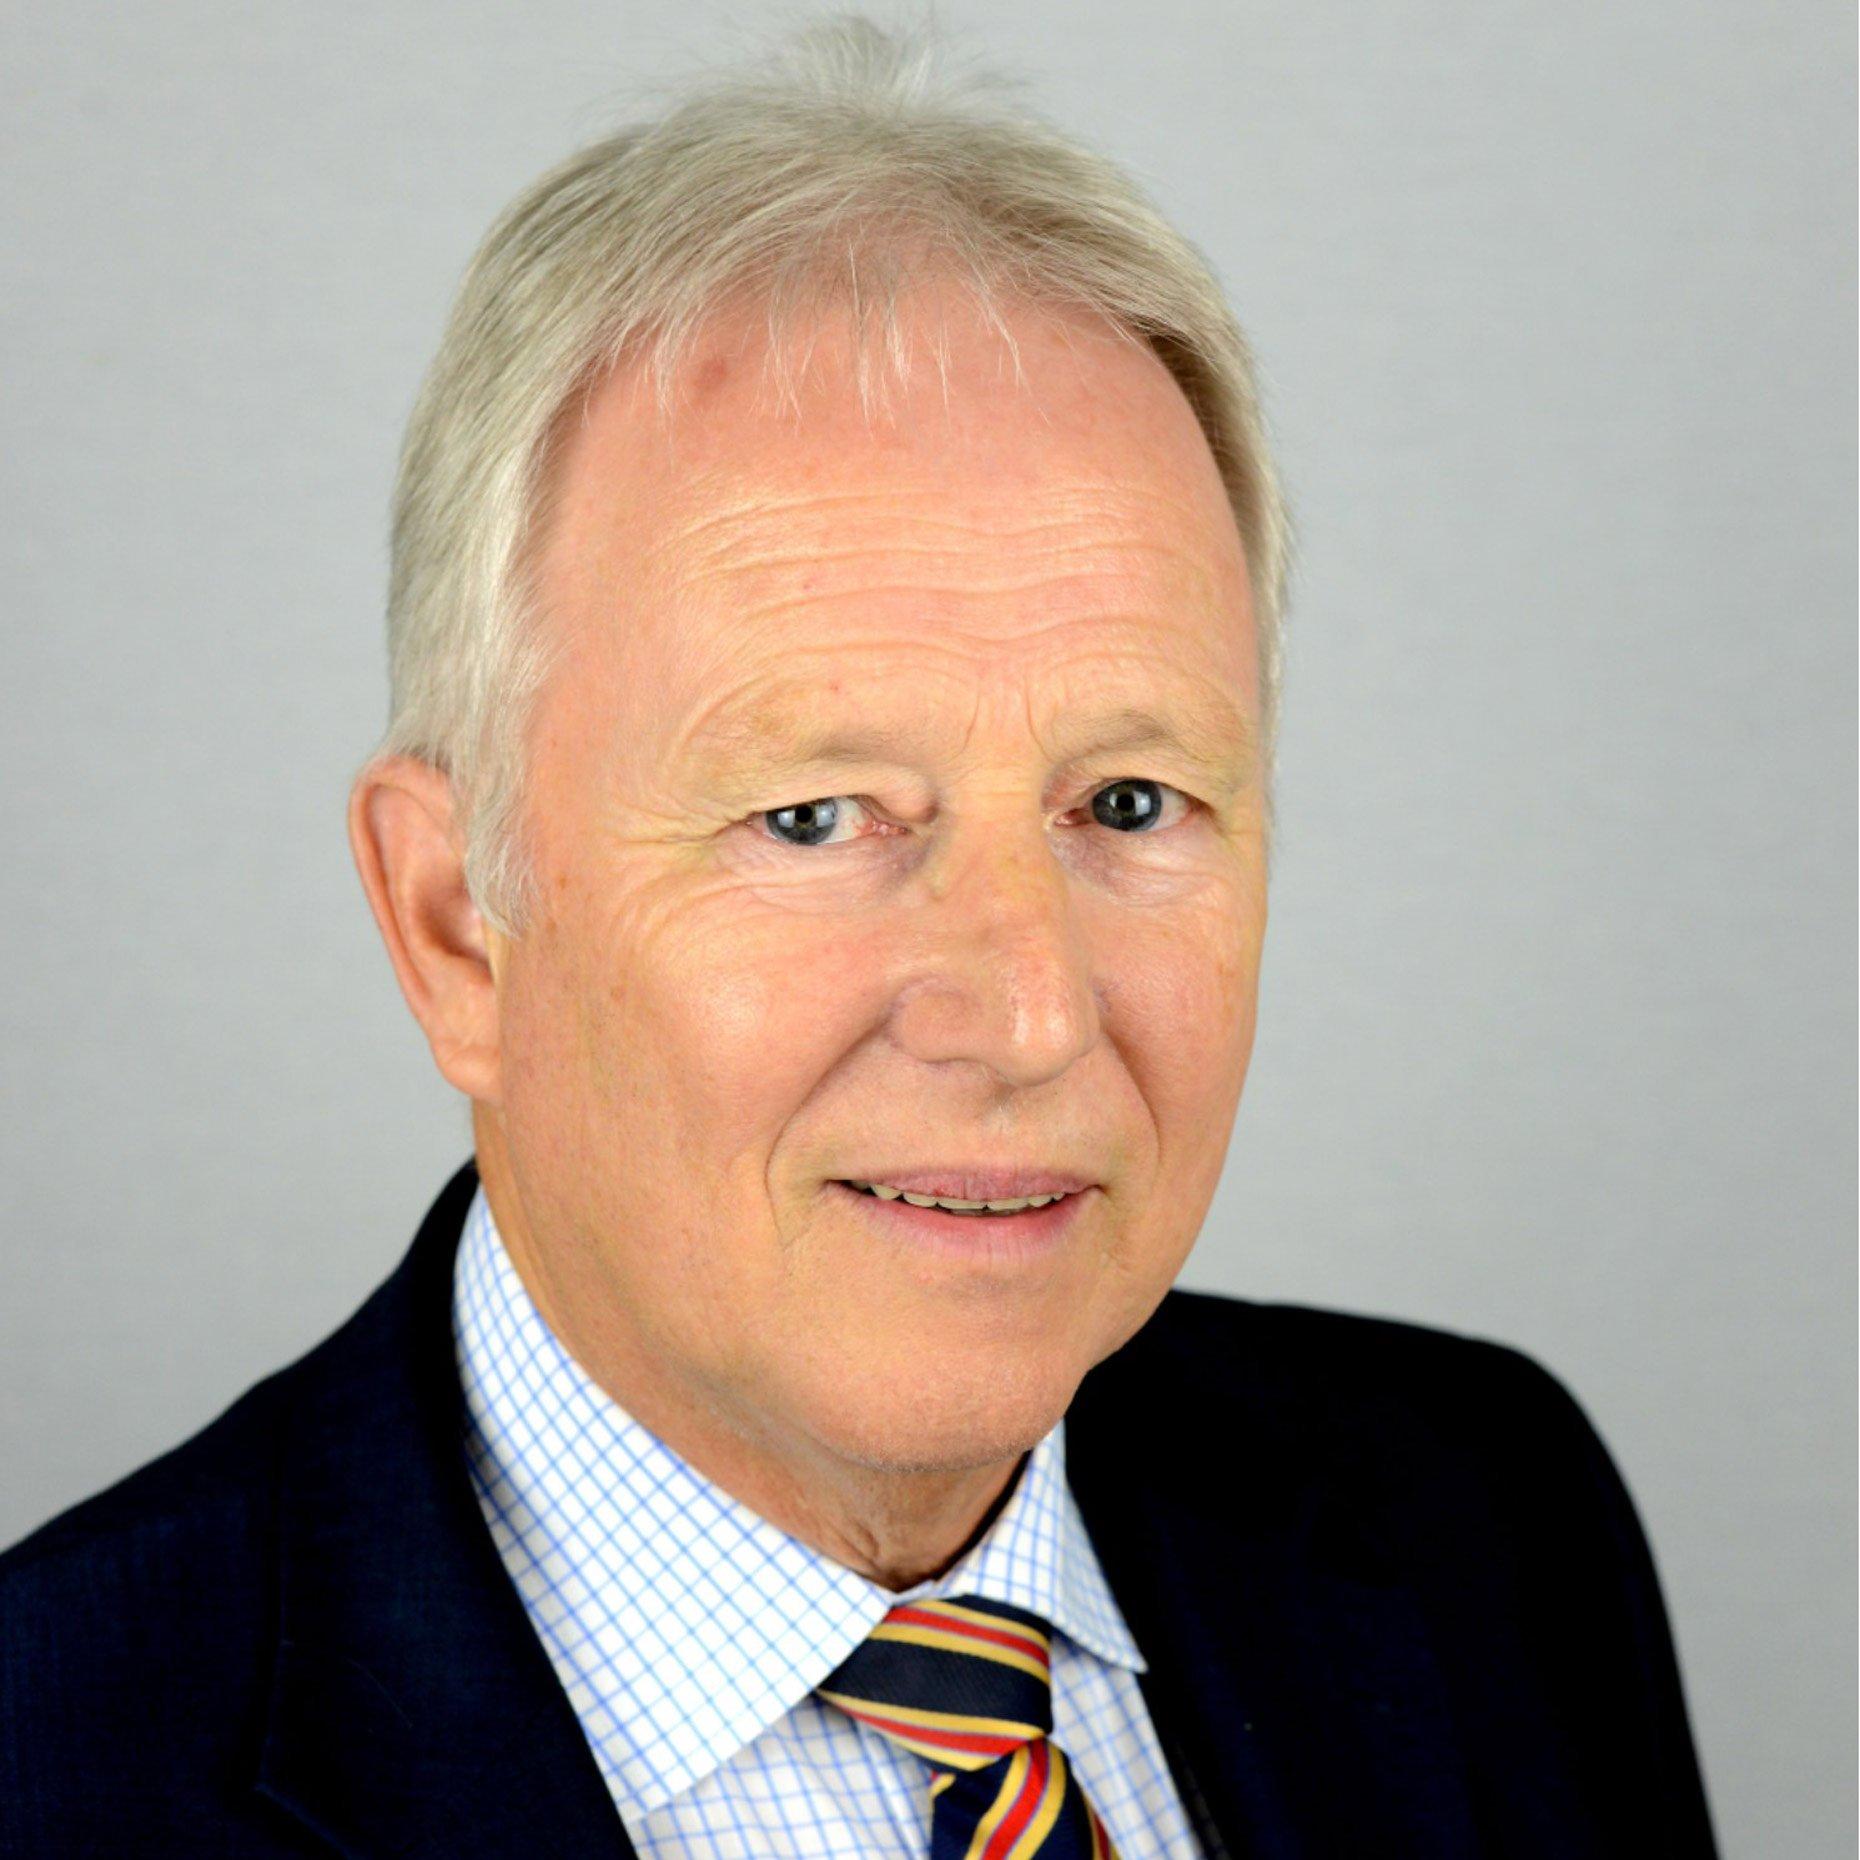 Alan Briggs - Conservative